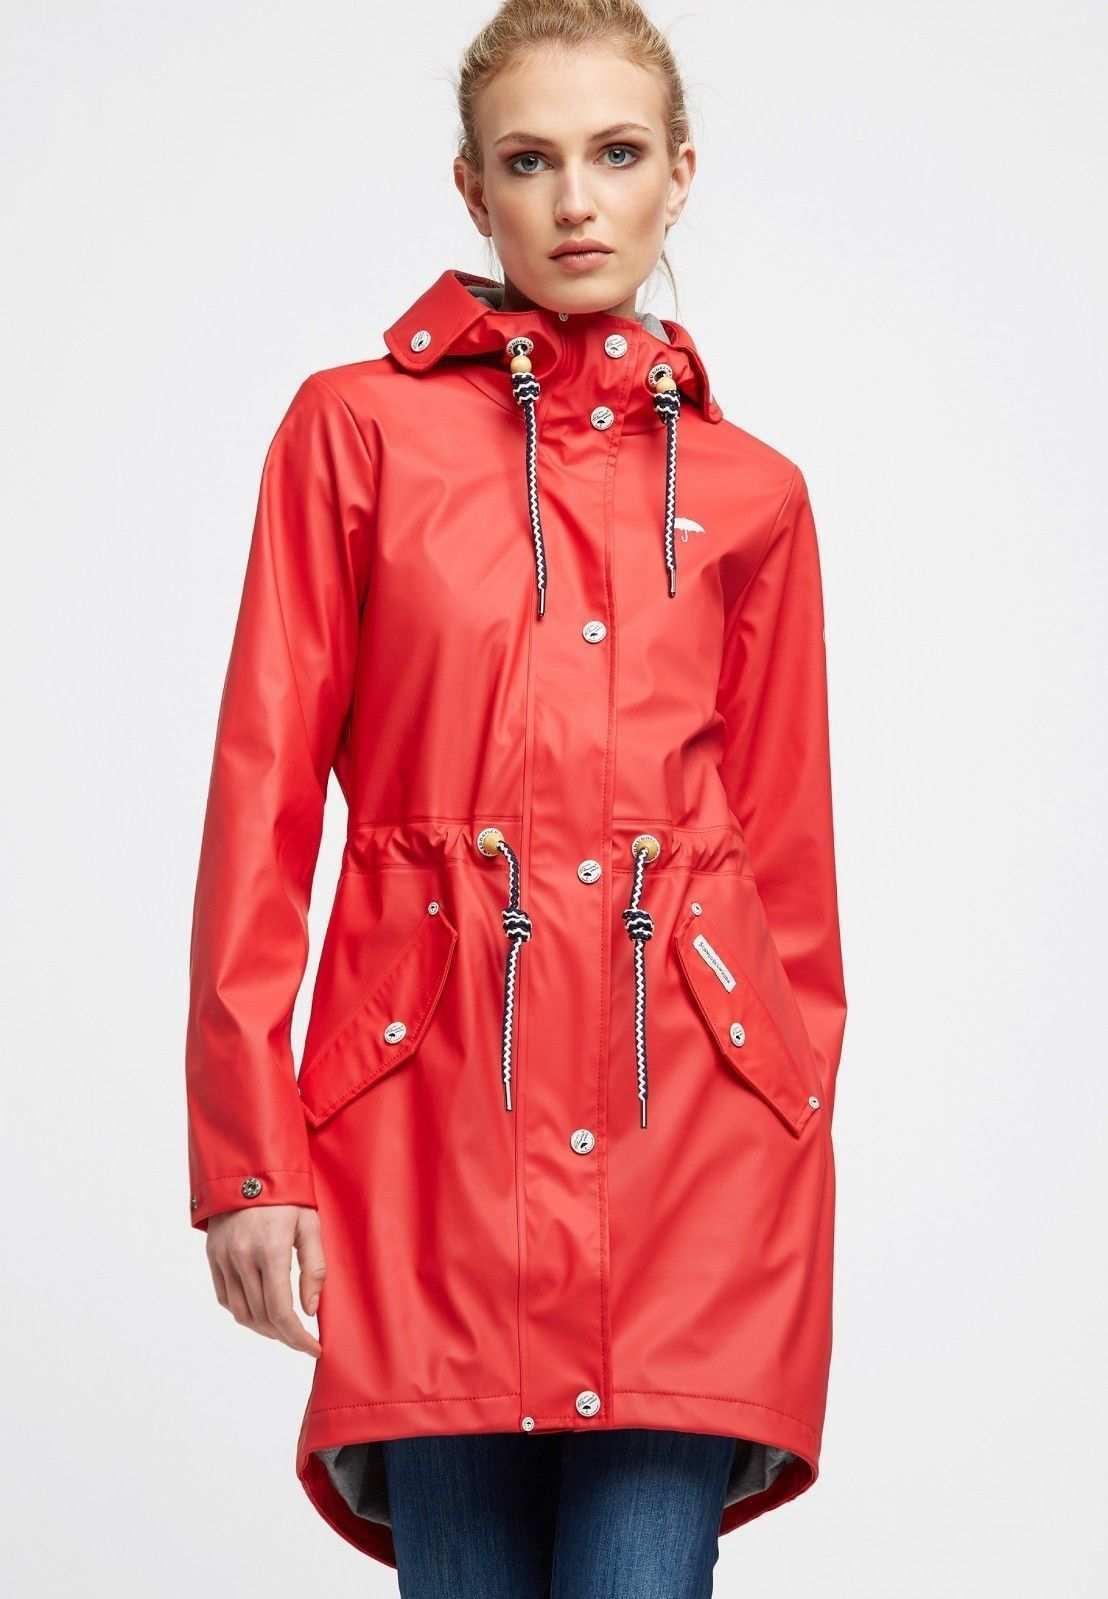 Pin Von Rainwear Servant Auf Rote Regenbekleidung Schmuddelwedda Damen Regen Mode Regenmantel